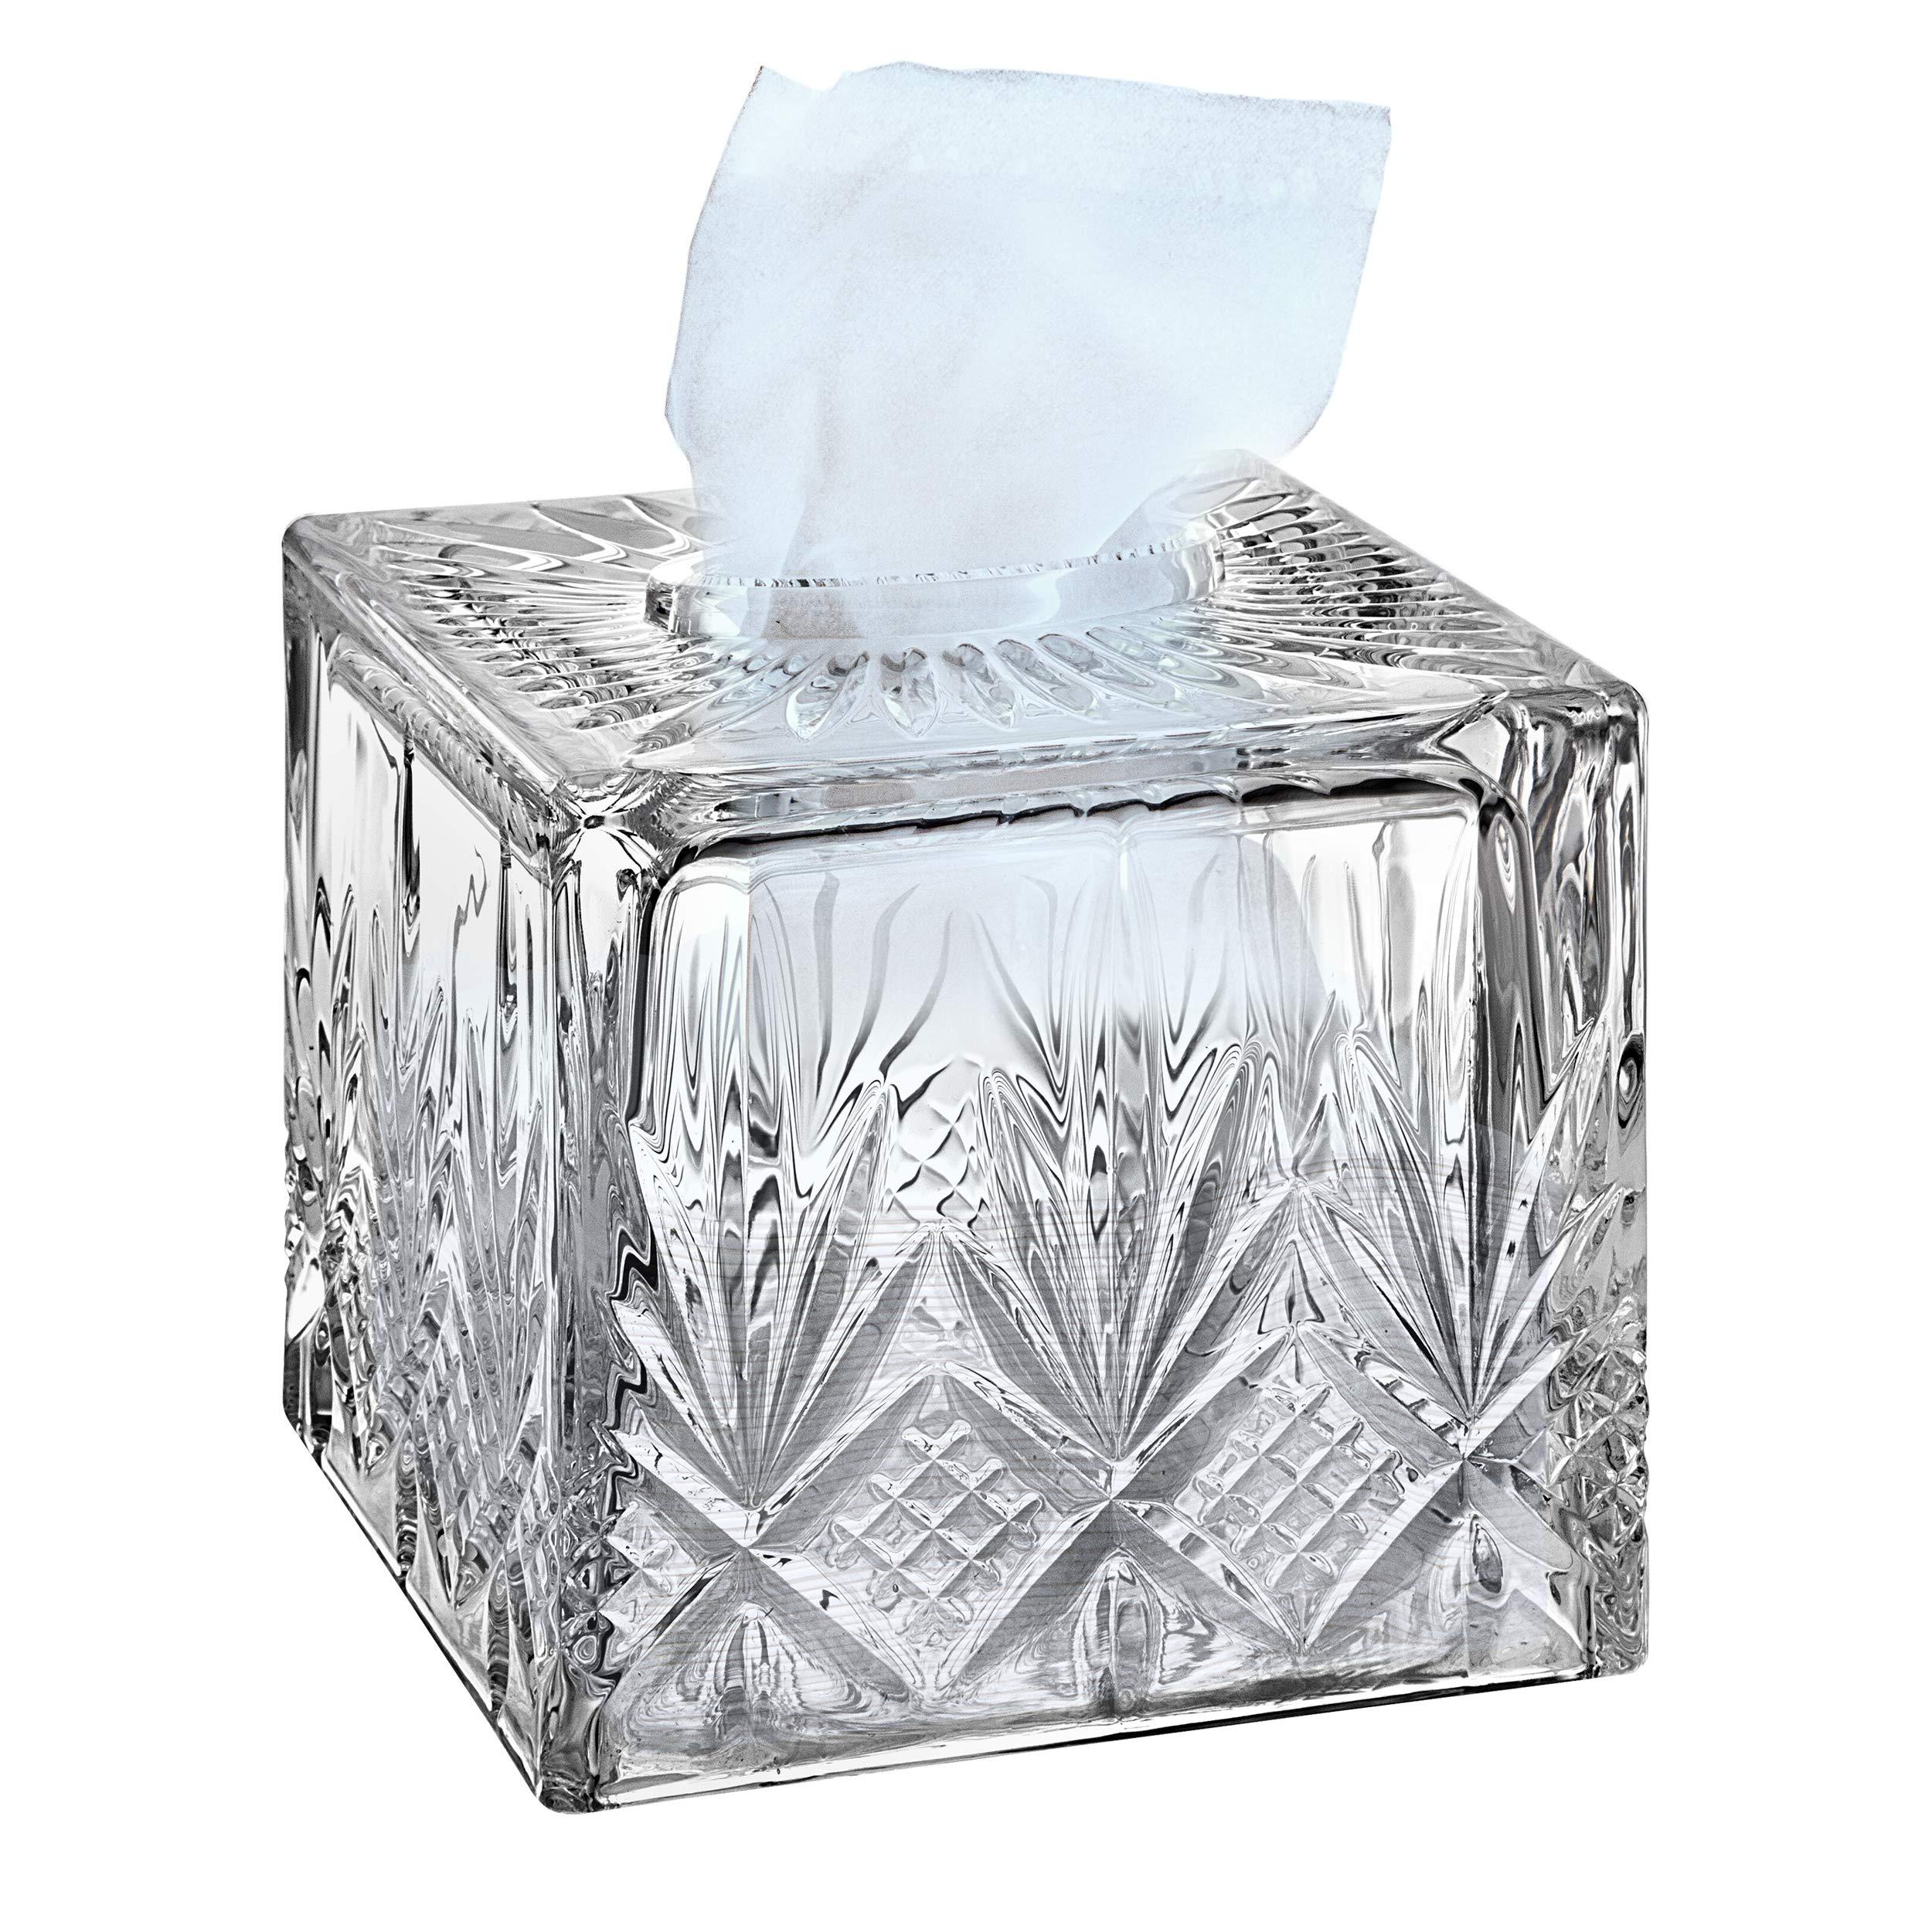 Godinger Dublin Crystal Tissue Box by Godinger